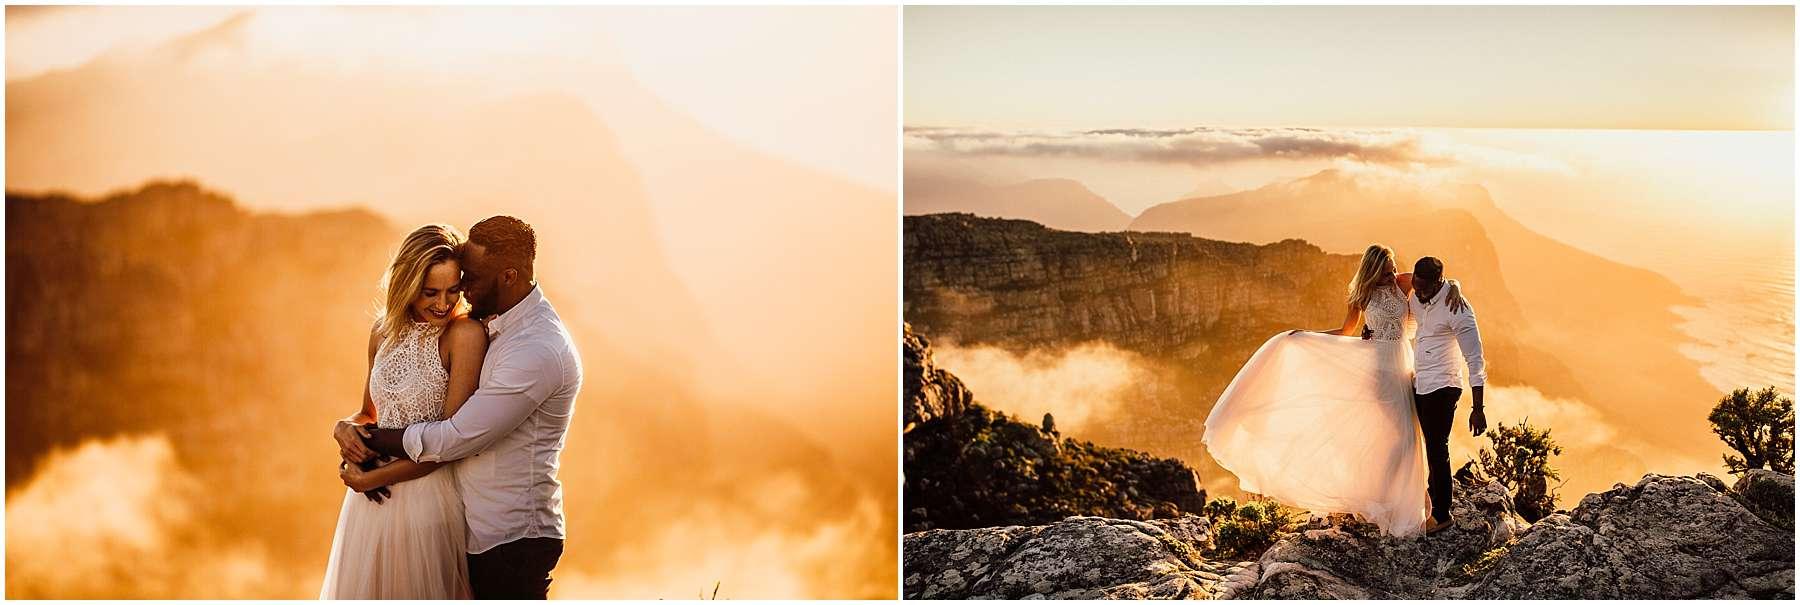 LOTTYH-South-Africa-Elopement-Photographer_0020.jpg